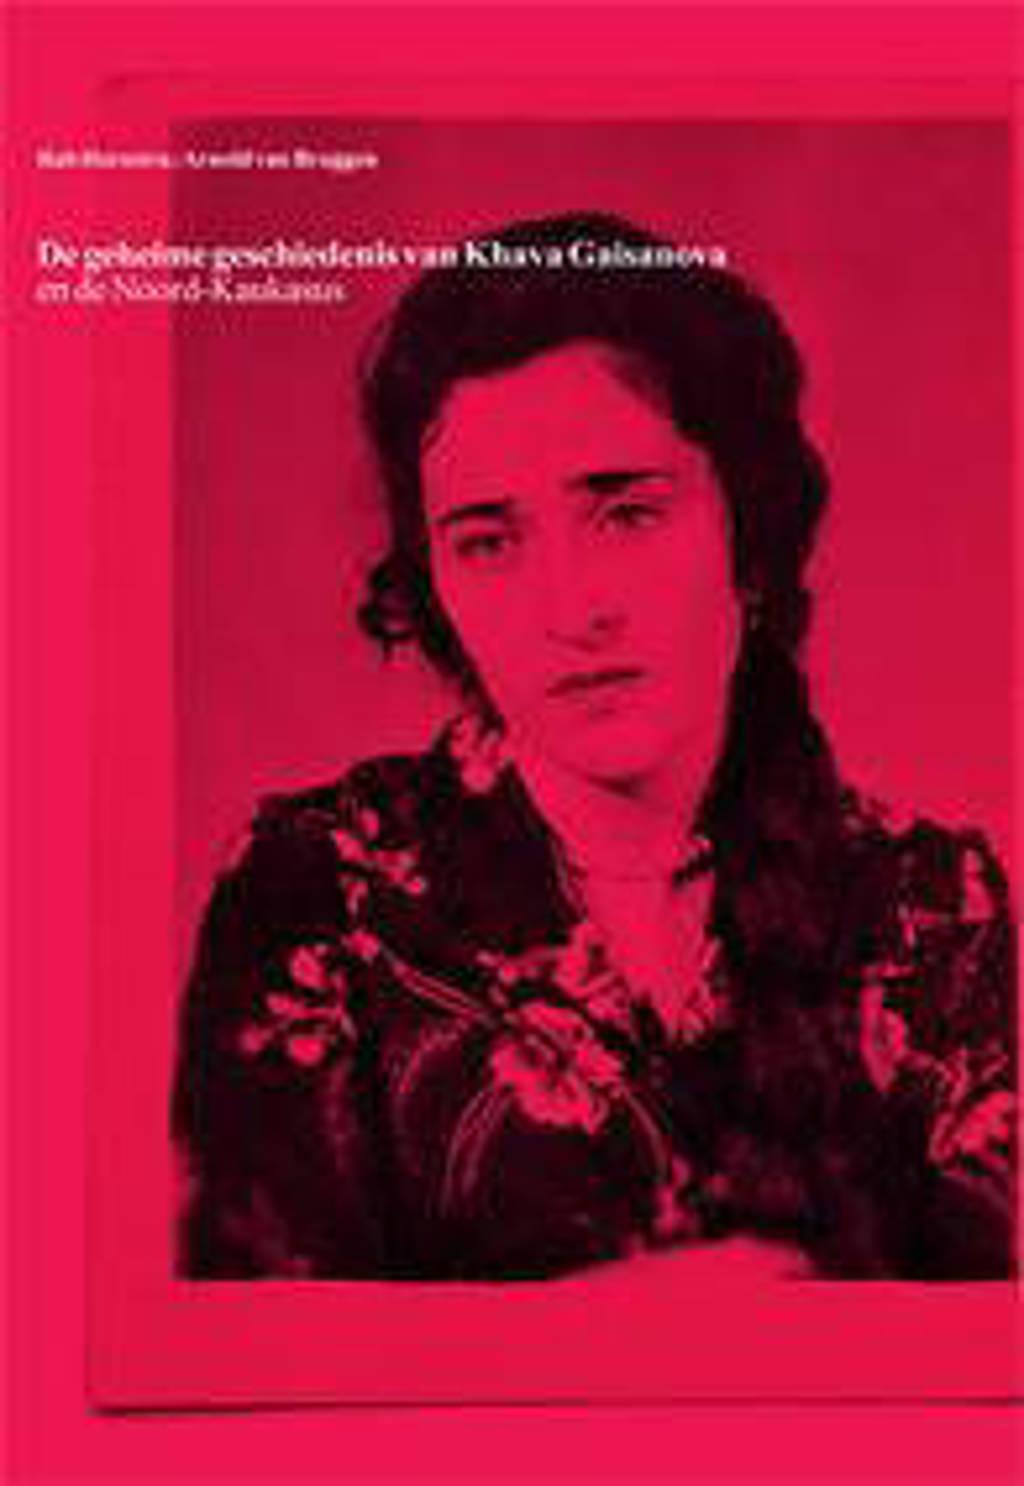 De geheime geschiedenis van Khava Gaisanova en de Noord-Kaukasus - Arnold van Bruggen en Rob Hornstra